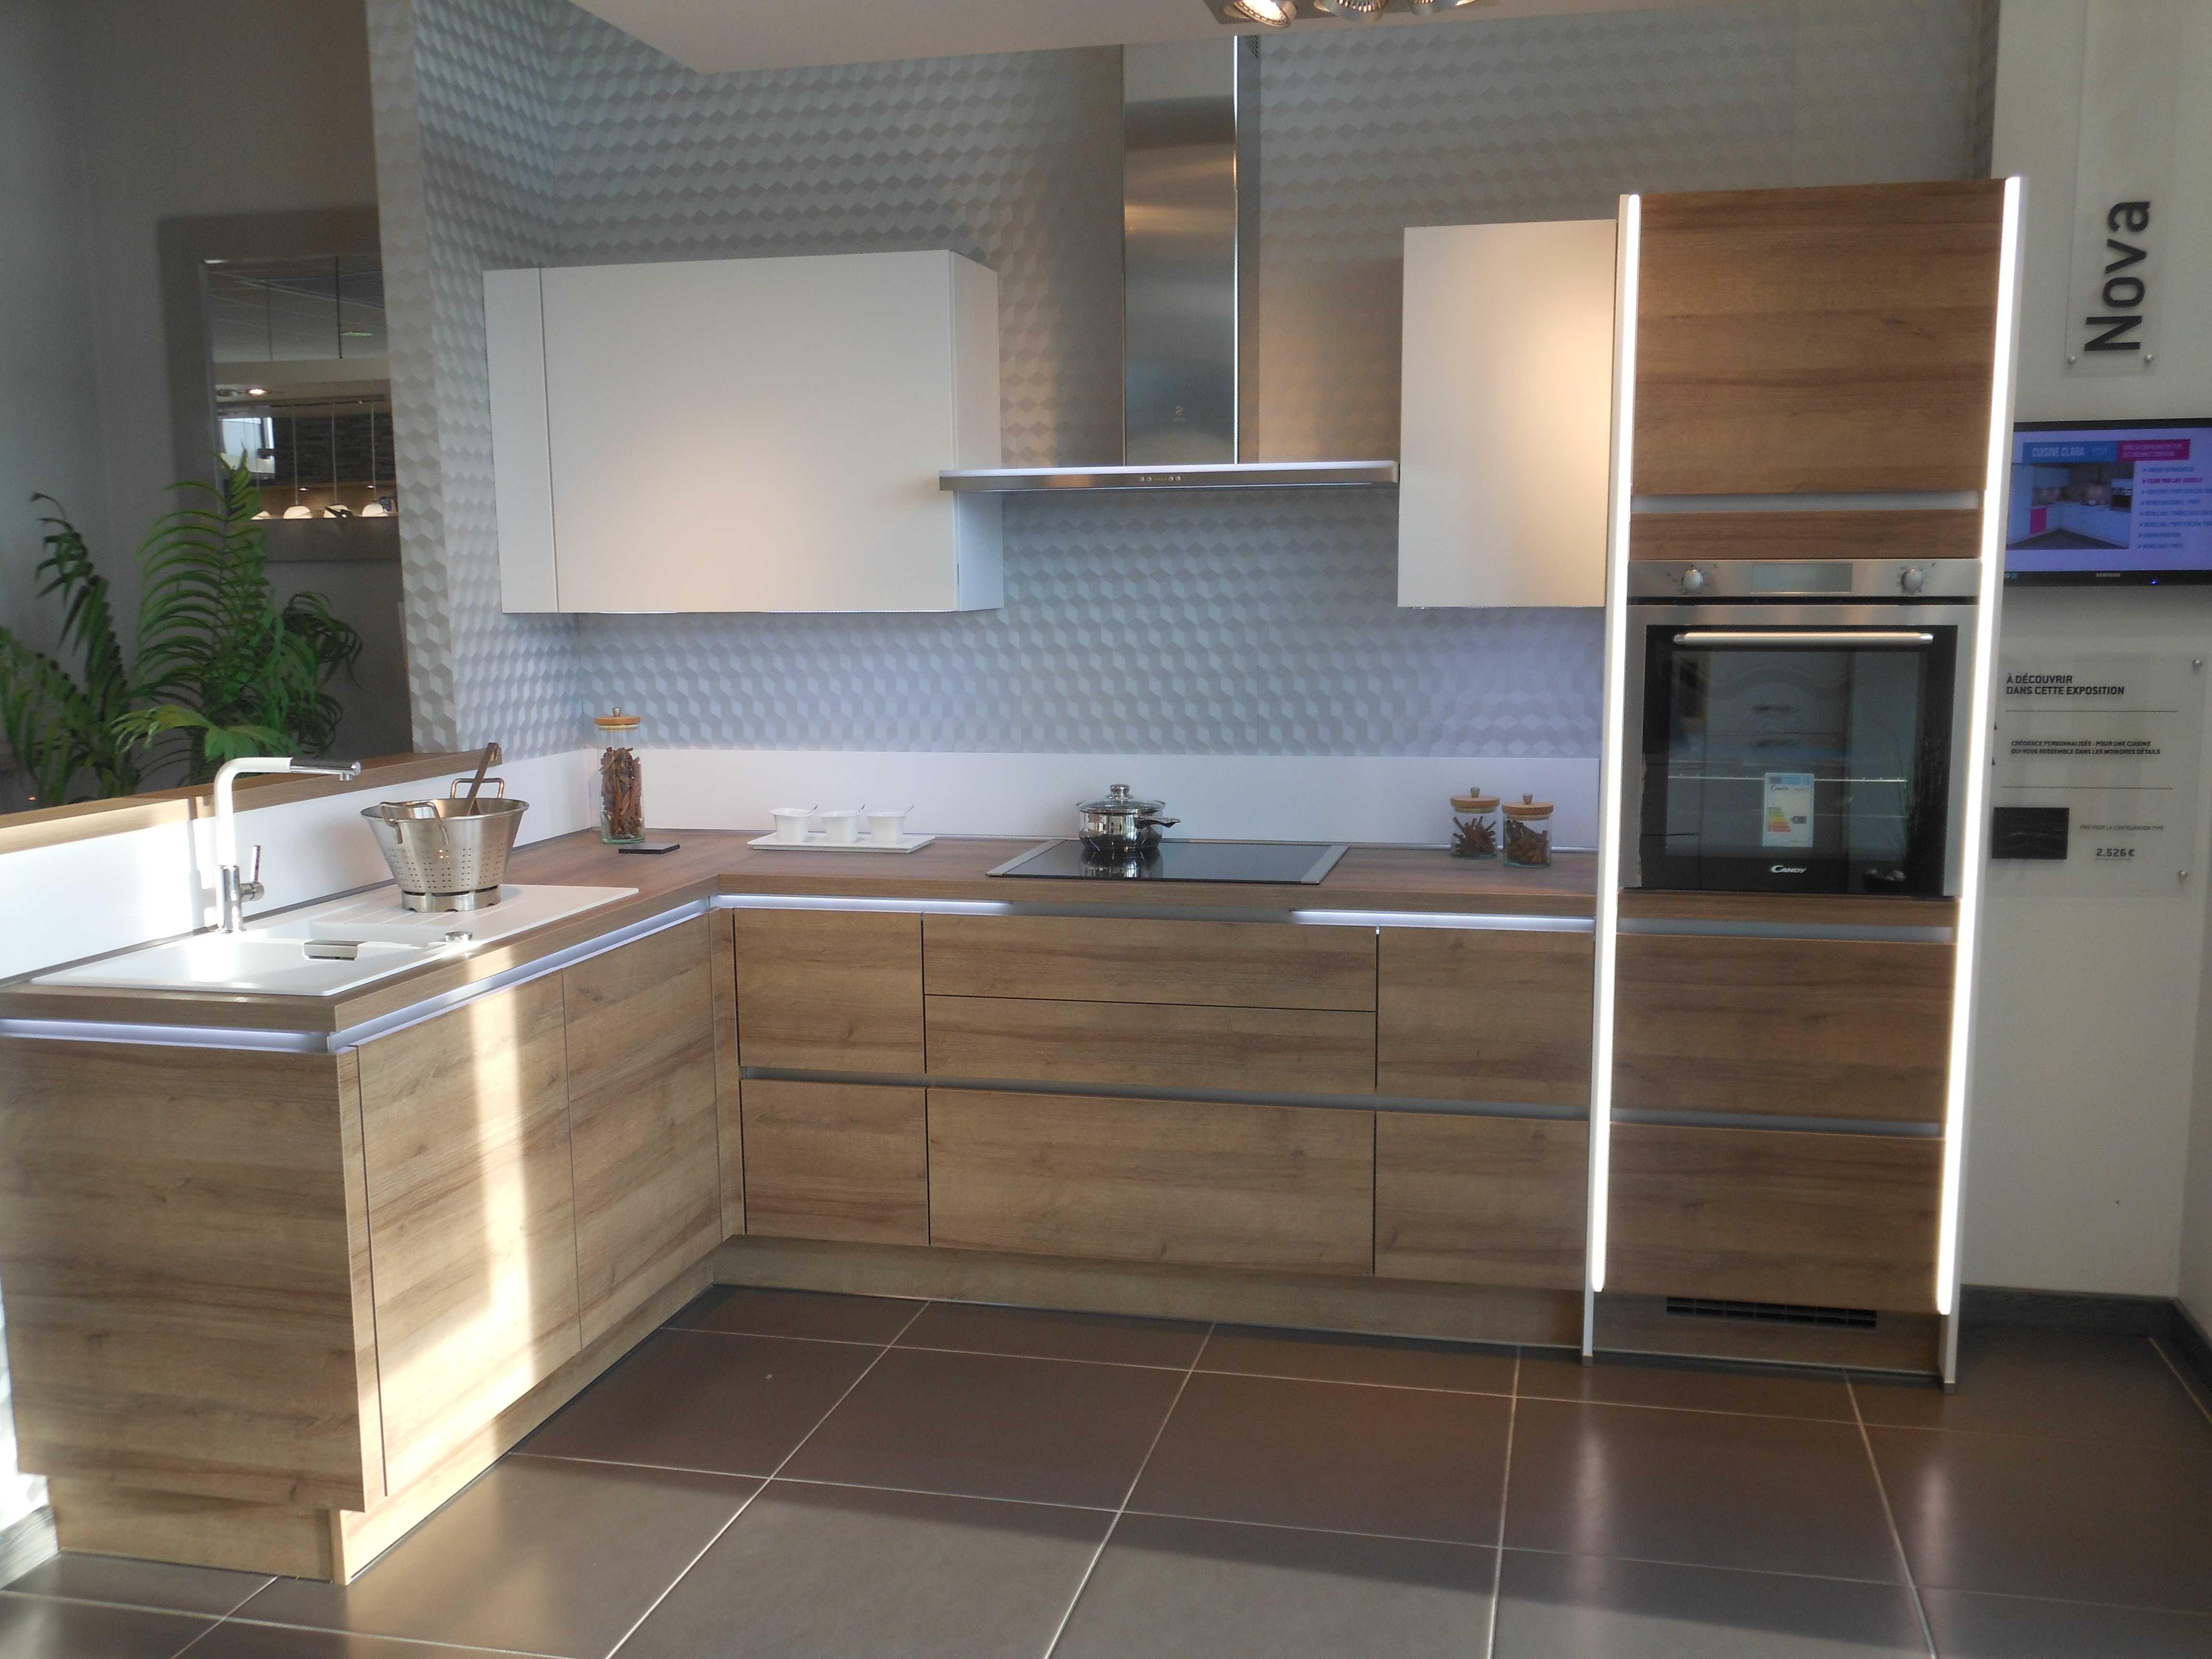 Tout sur la cuisine et le mobilier cuisine page 90 sur 190 - Modele exposition cuisine ...